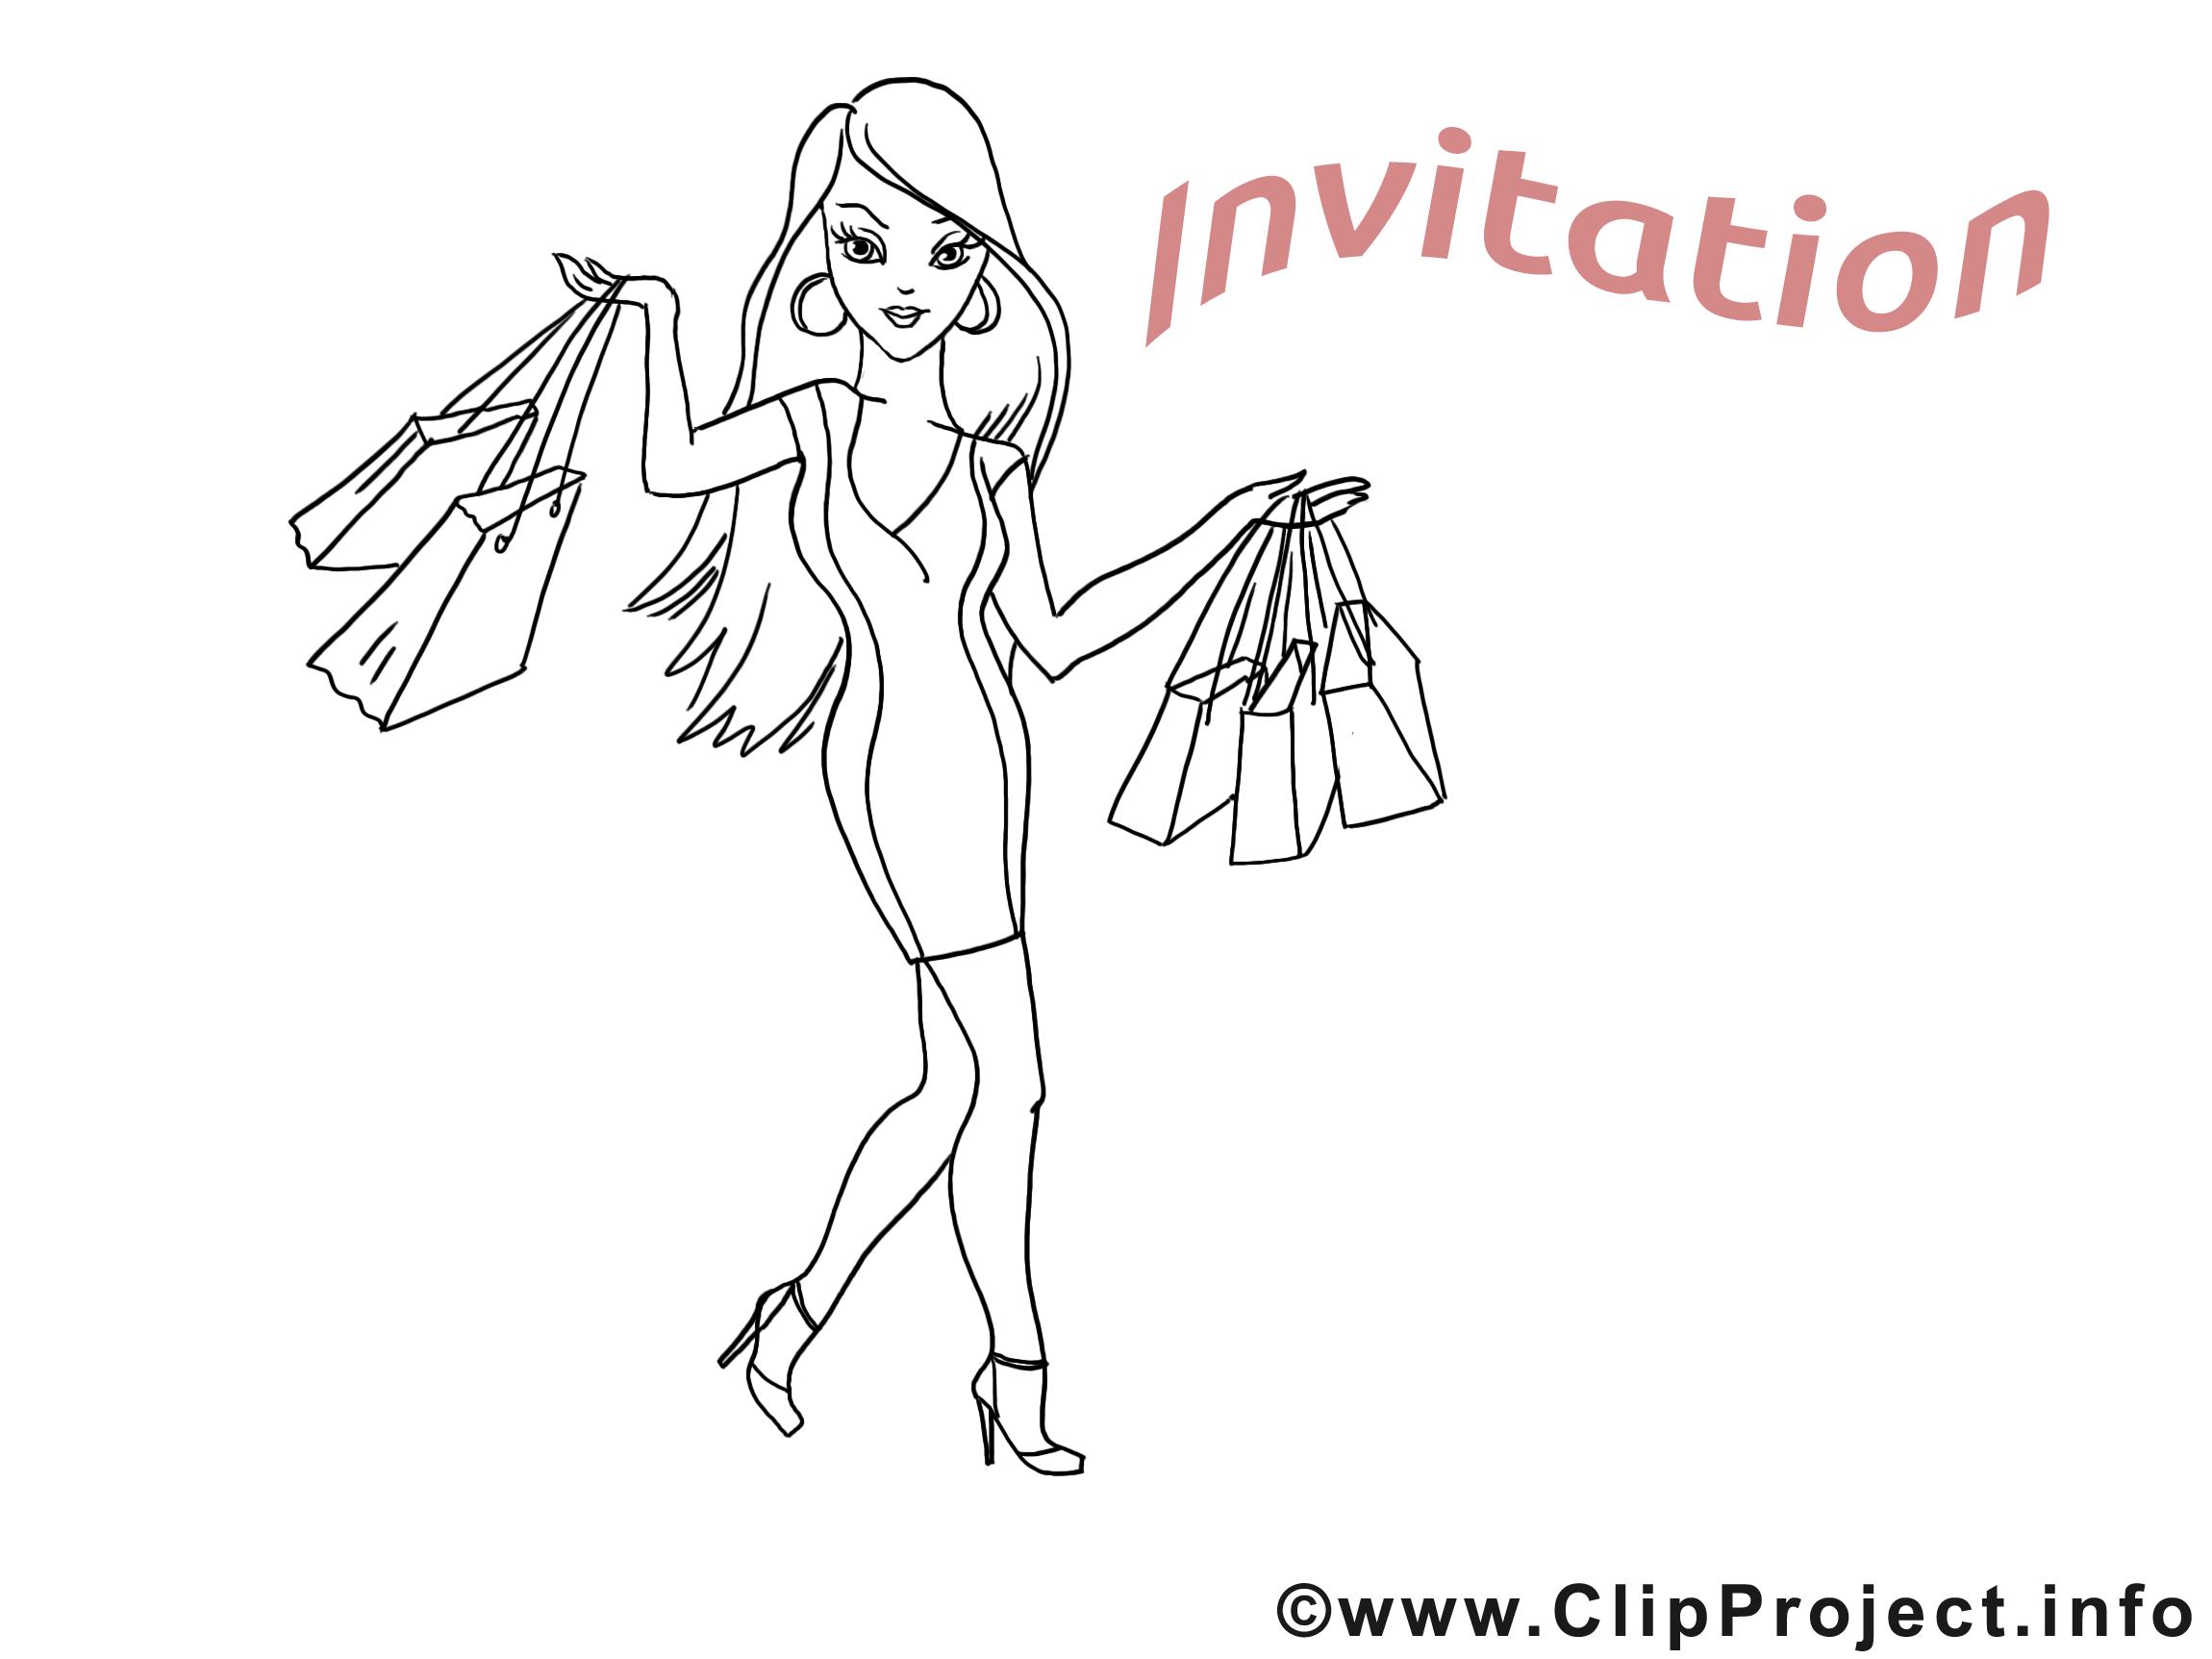 Shoping invitation image à colorier gratuite